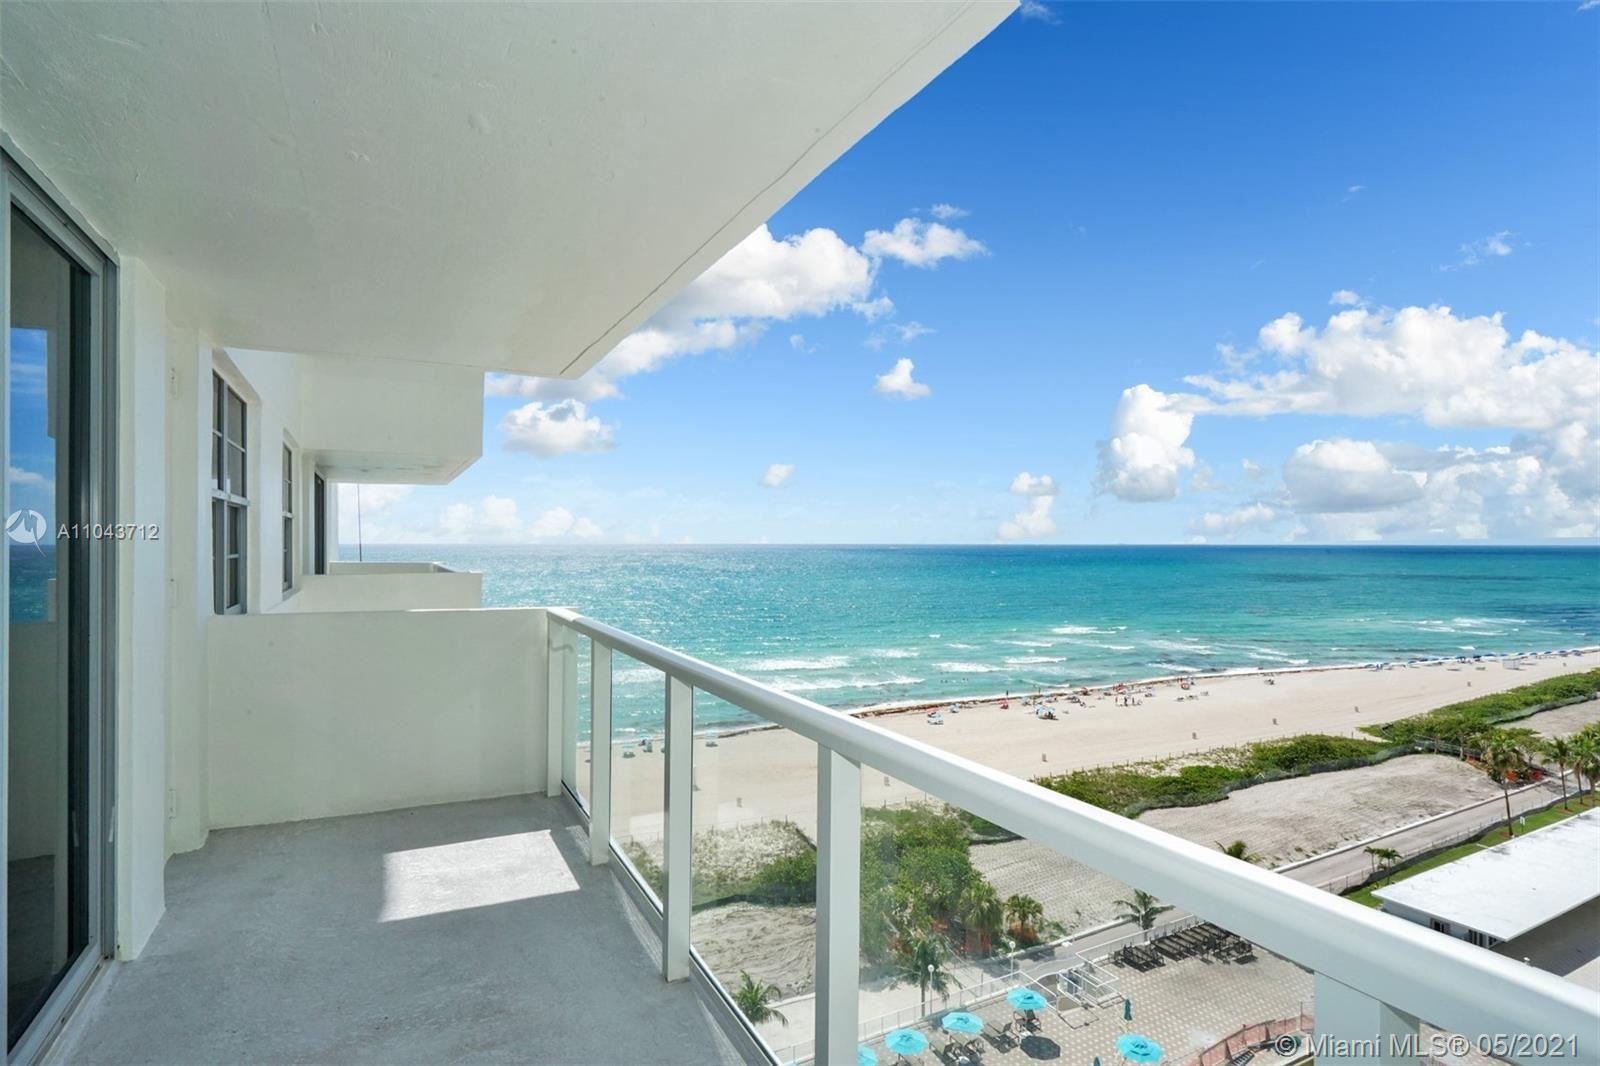 5701 Collins Ave #1212, Miami Beach, FL 33140 - #: A11043712